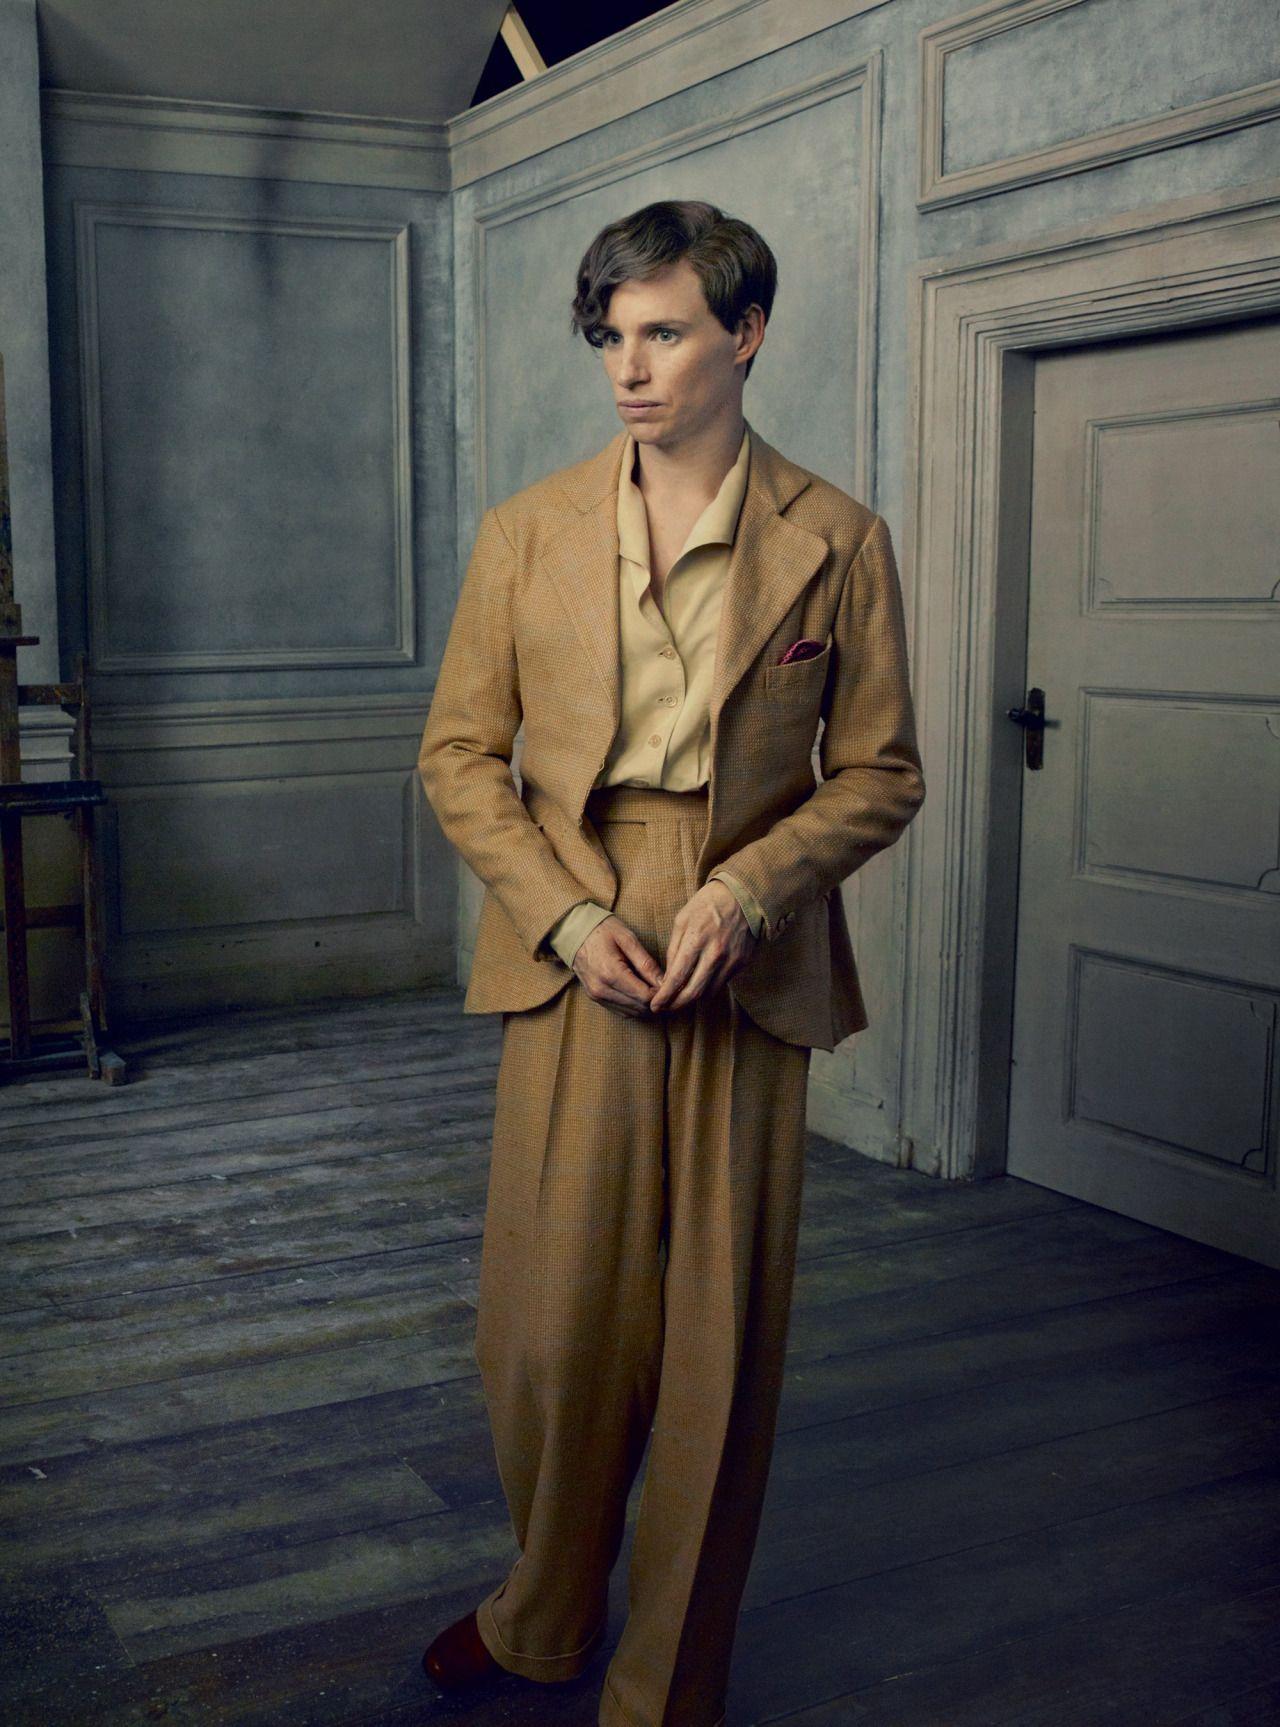 Eddie Redmayne, Vogue, 10/15 by Anne Leibovitz